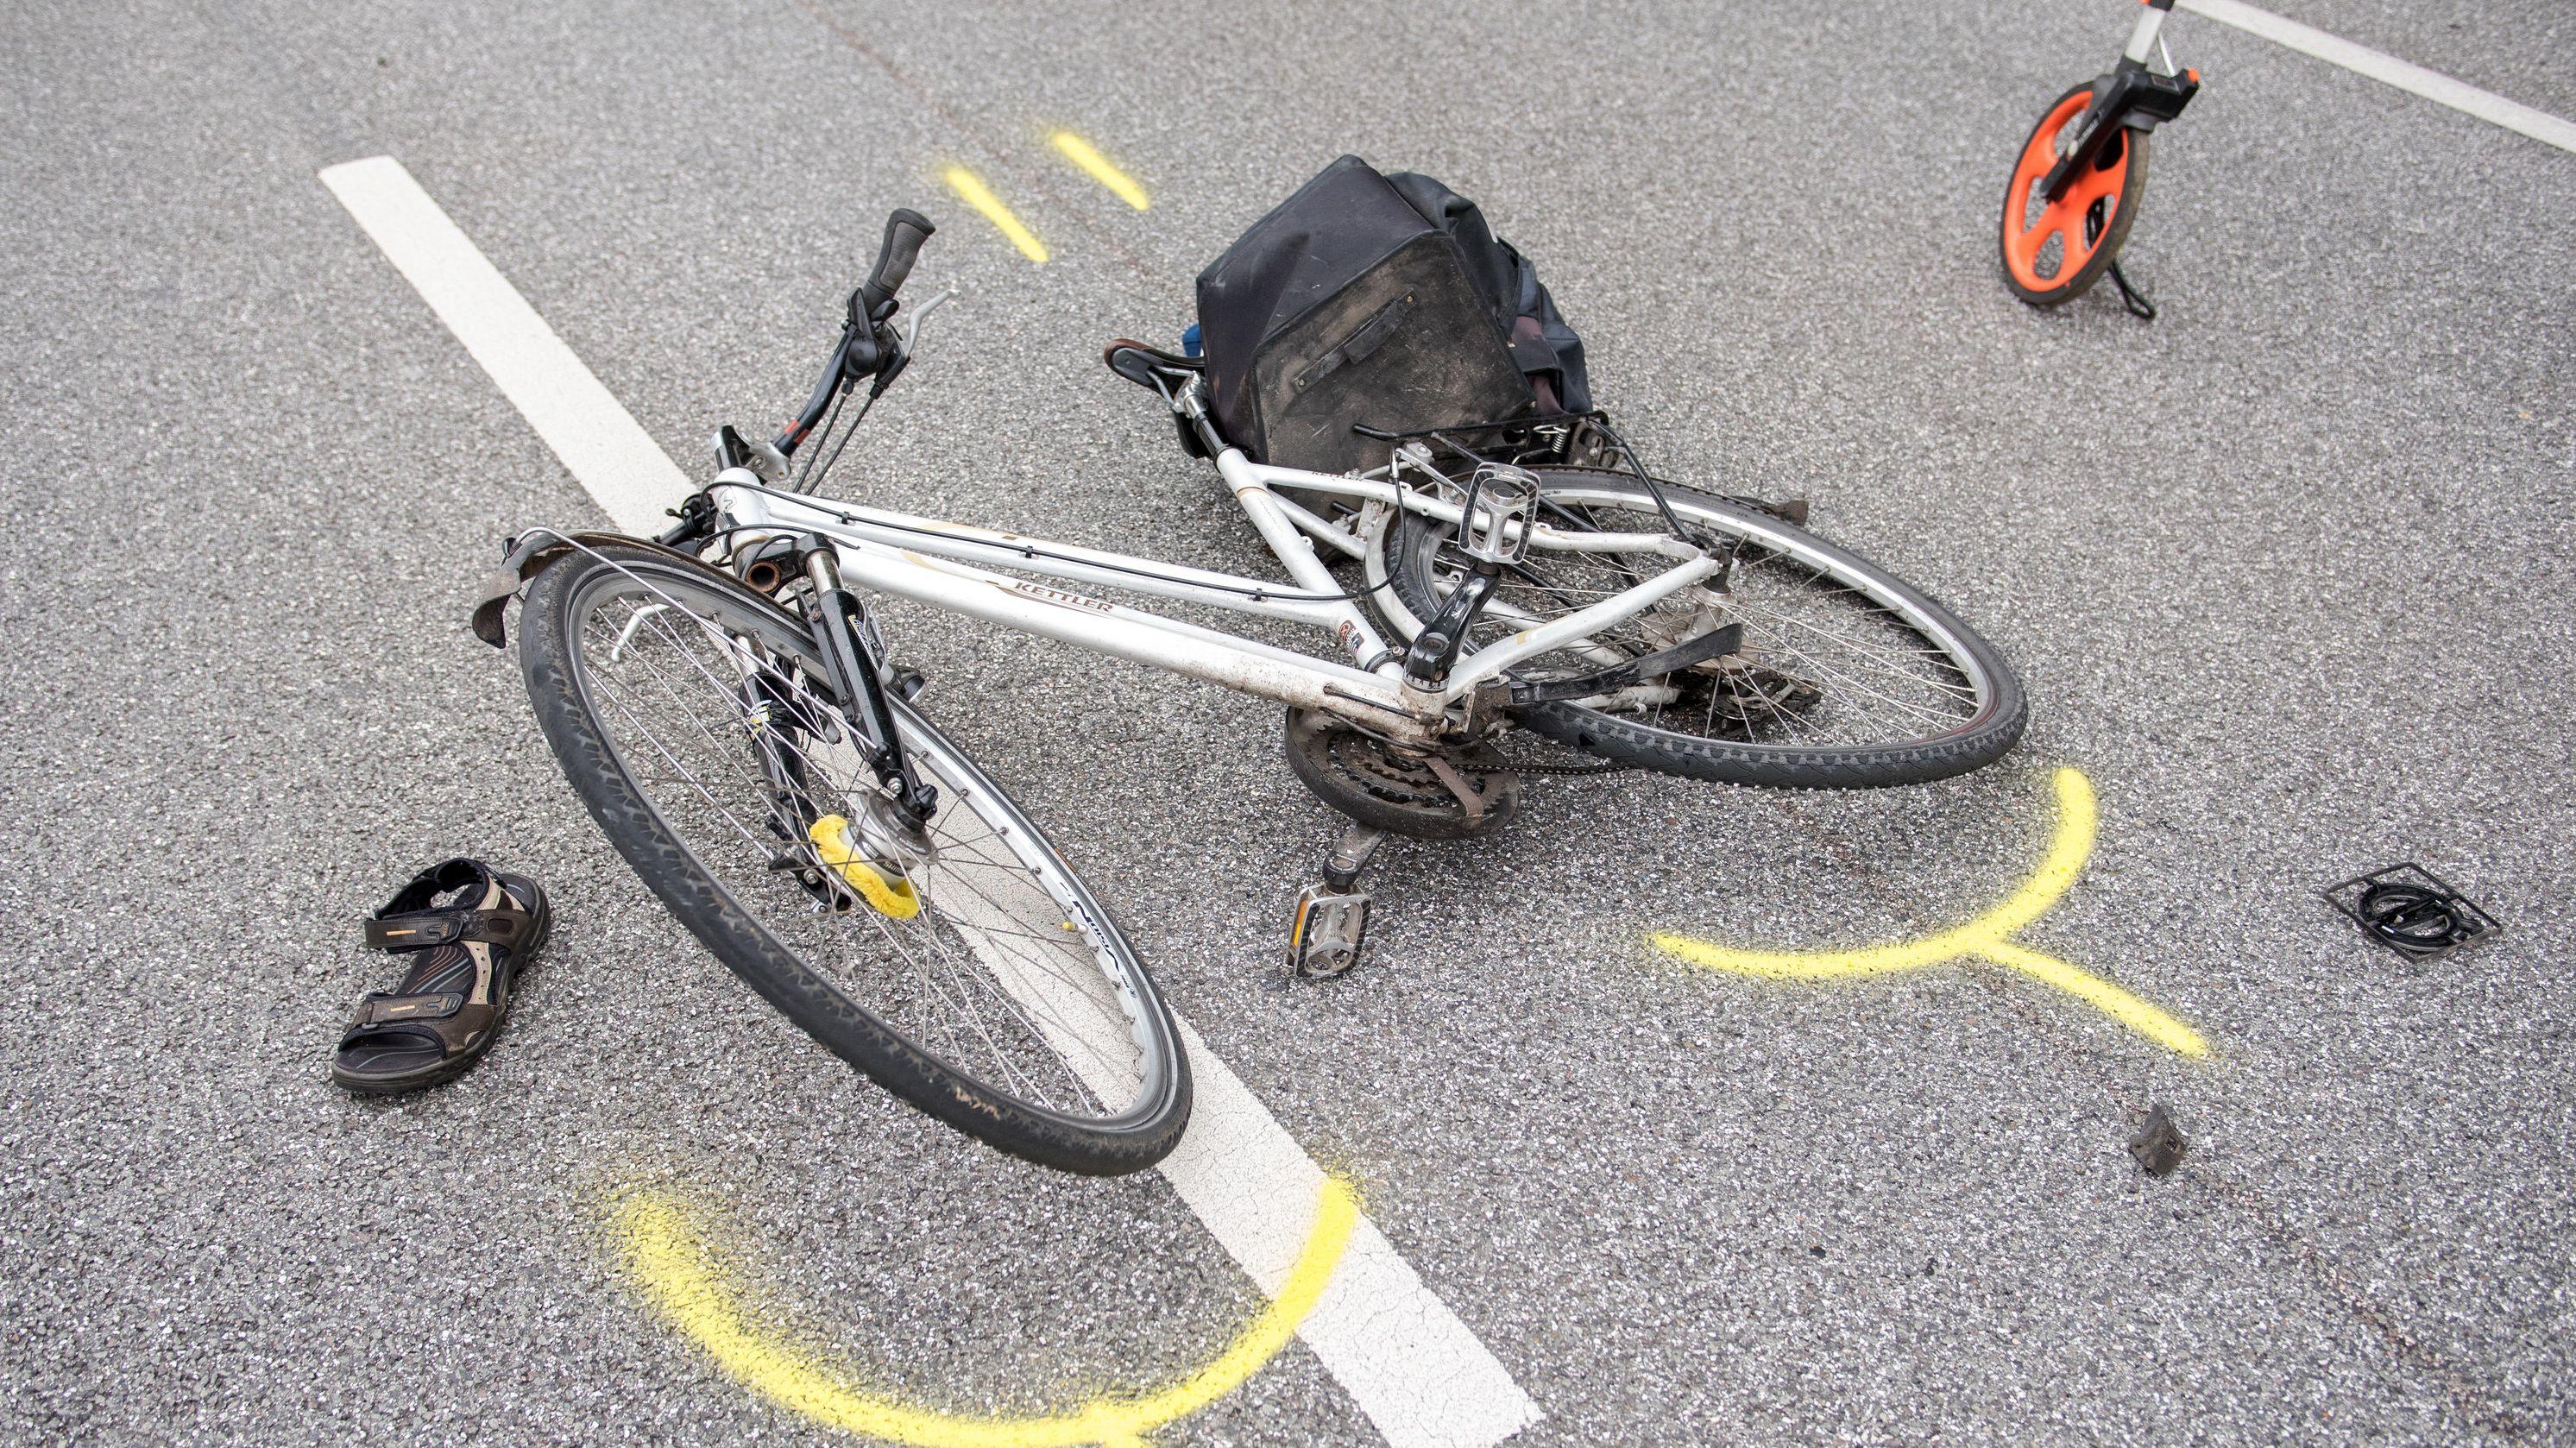 Immer mehr Fahrradfahrer verunglücken auf deutschen Straßen